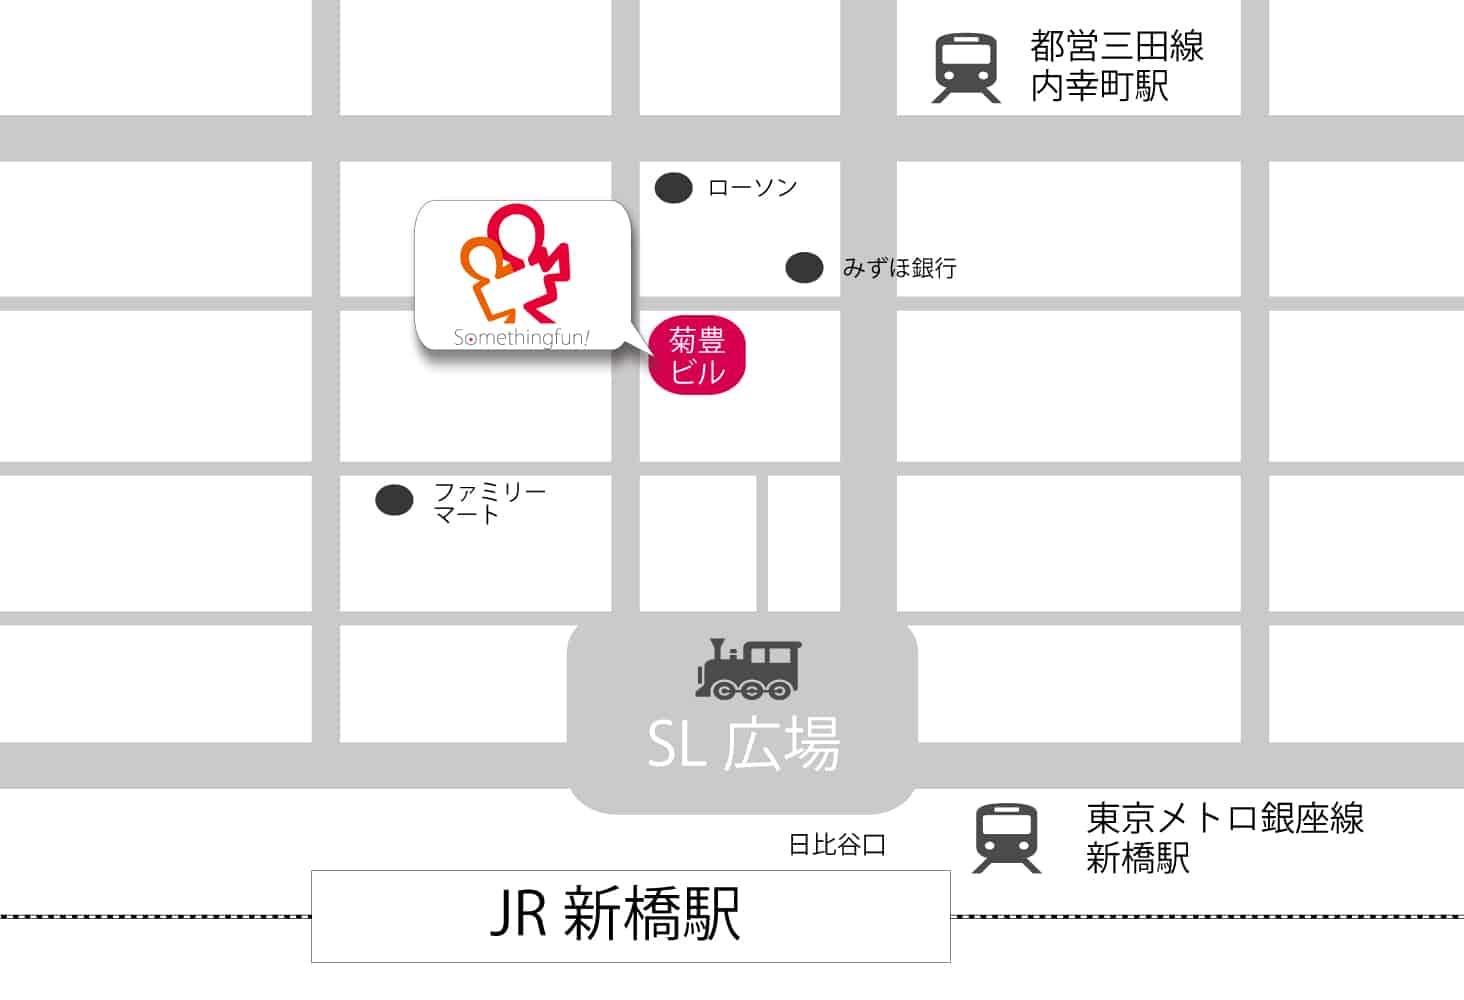 東京オフィス移転のお知らせ。